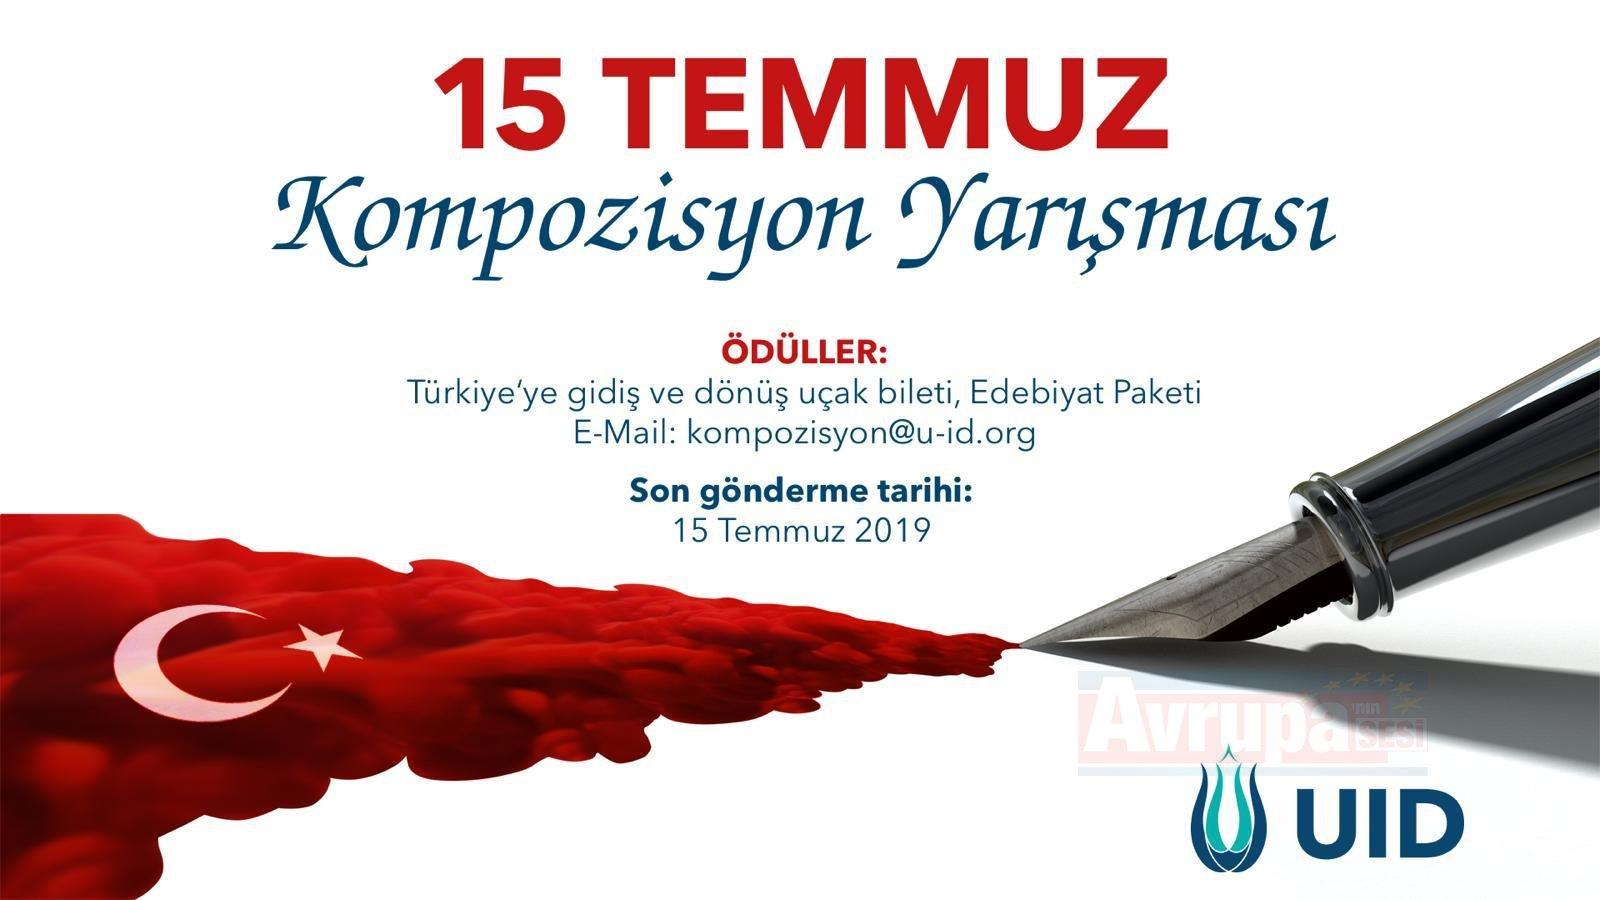 15 TEMMUZ Kompozisyon Yarışması Ödülleri Muhteşem